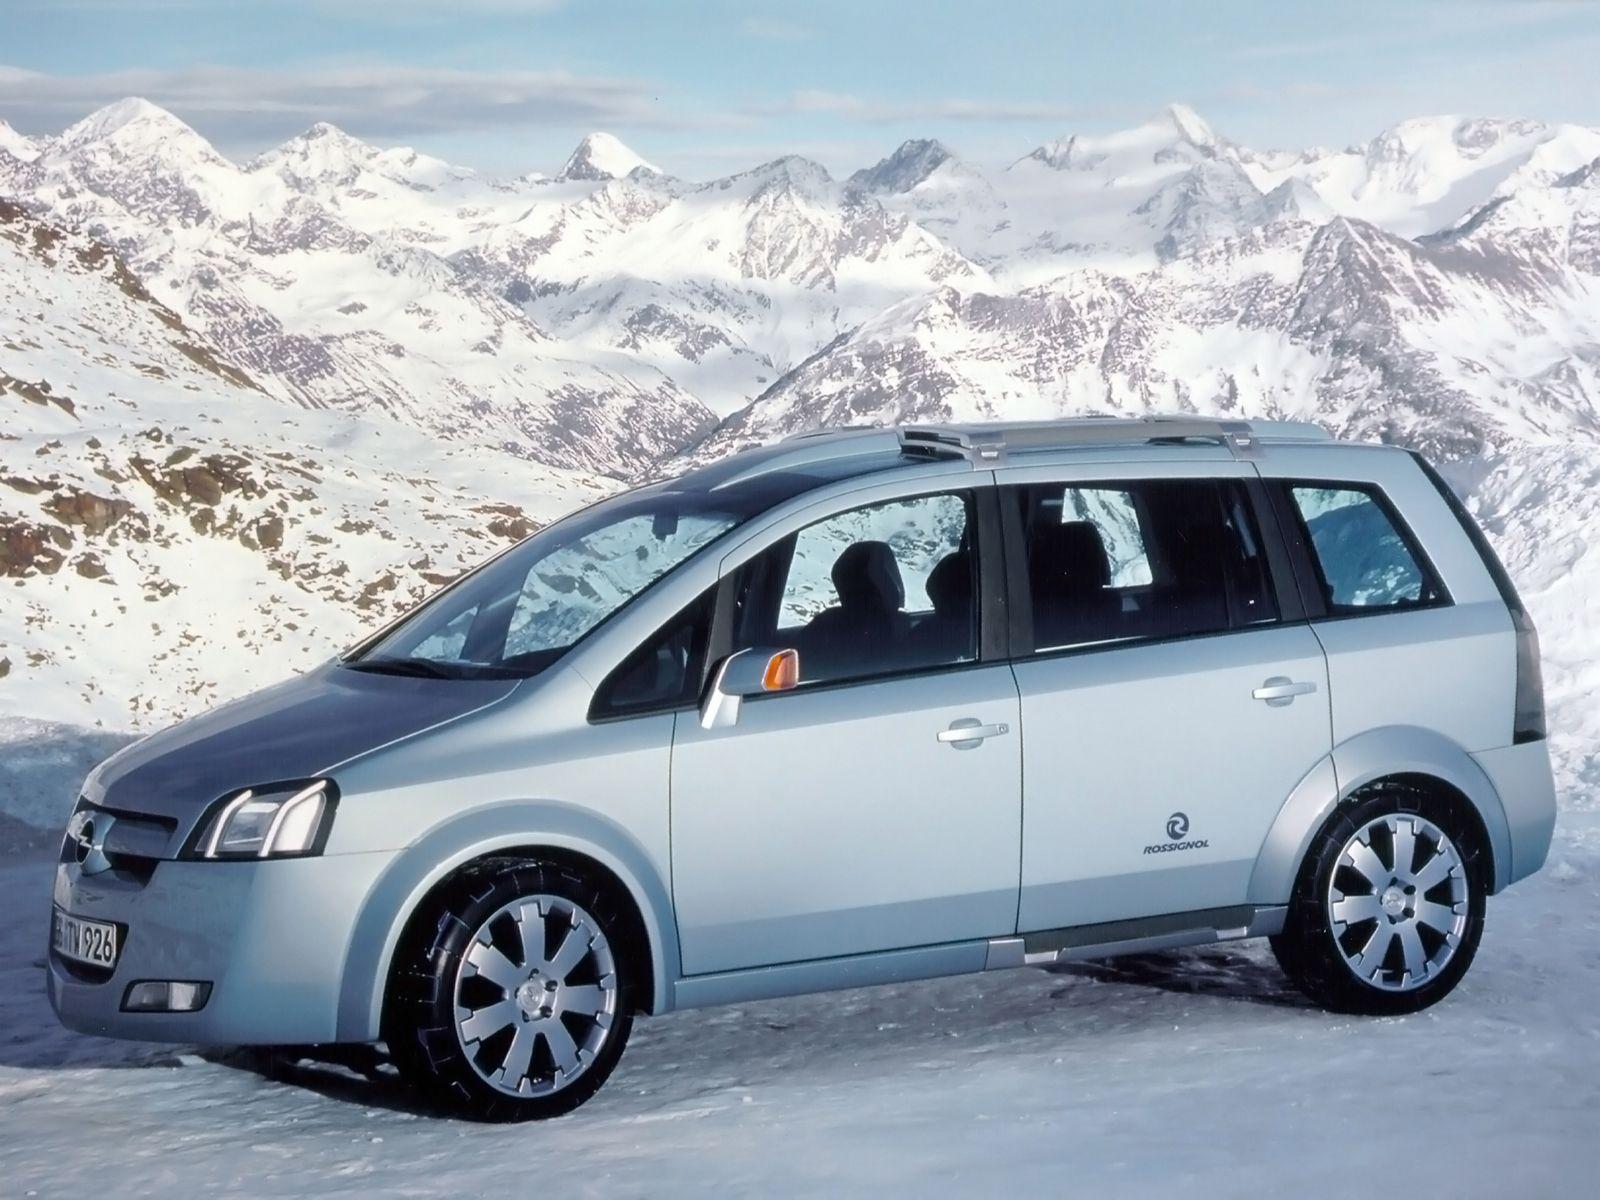 Opel Zafira Snowtrekker Concept A 2000